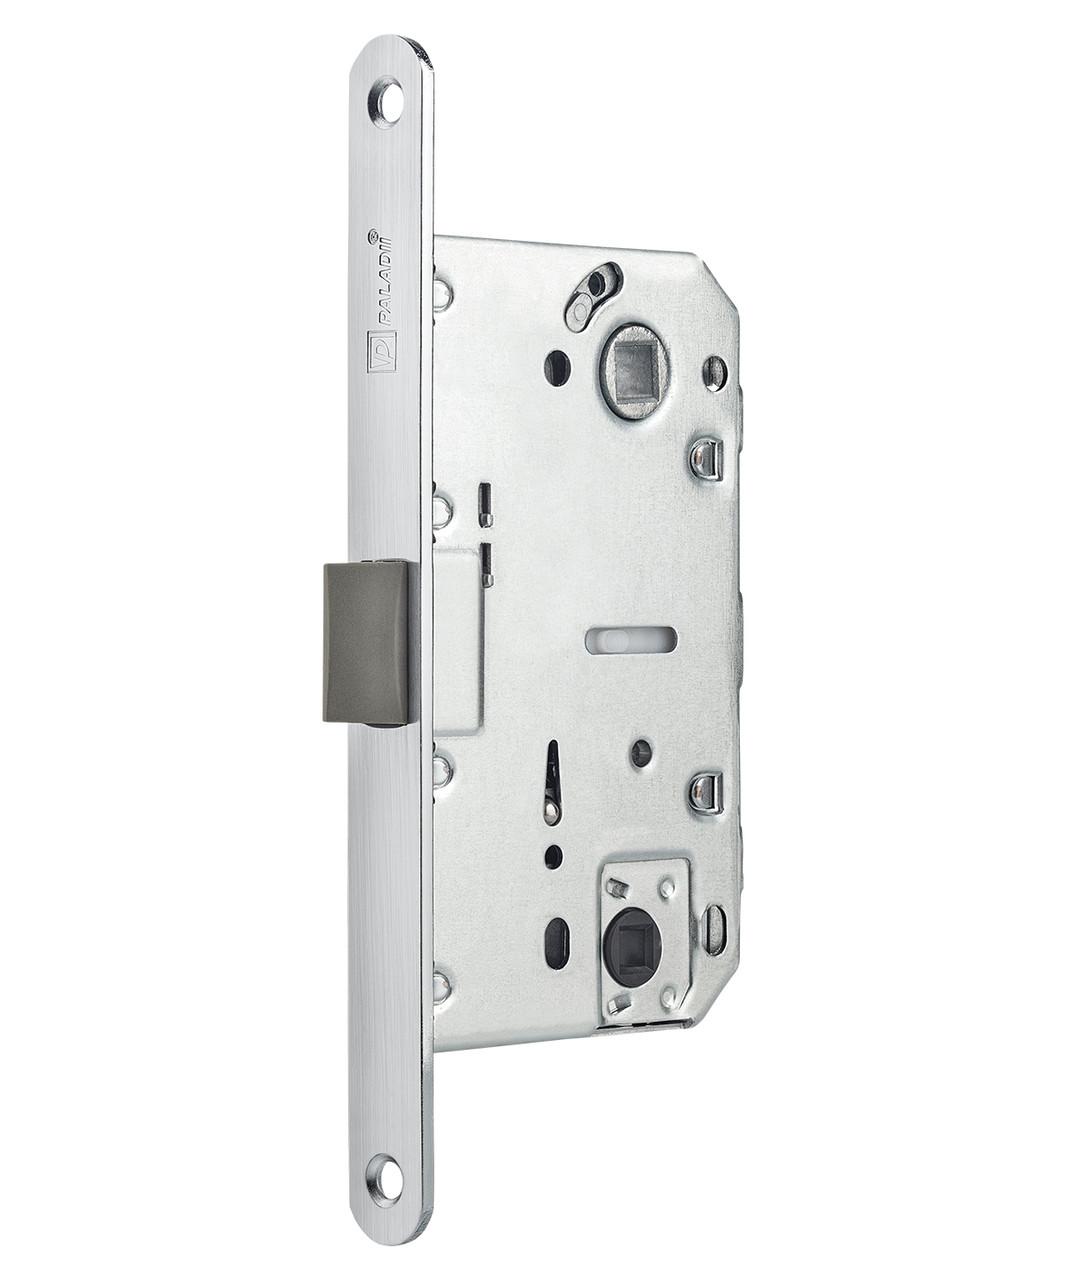 Механизм межкомнатный Paladii 96*50*18мм WC 410B PVC Kevlar SC матовый хром